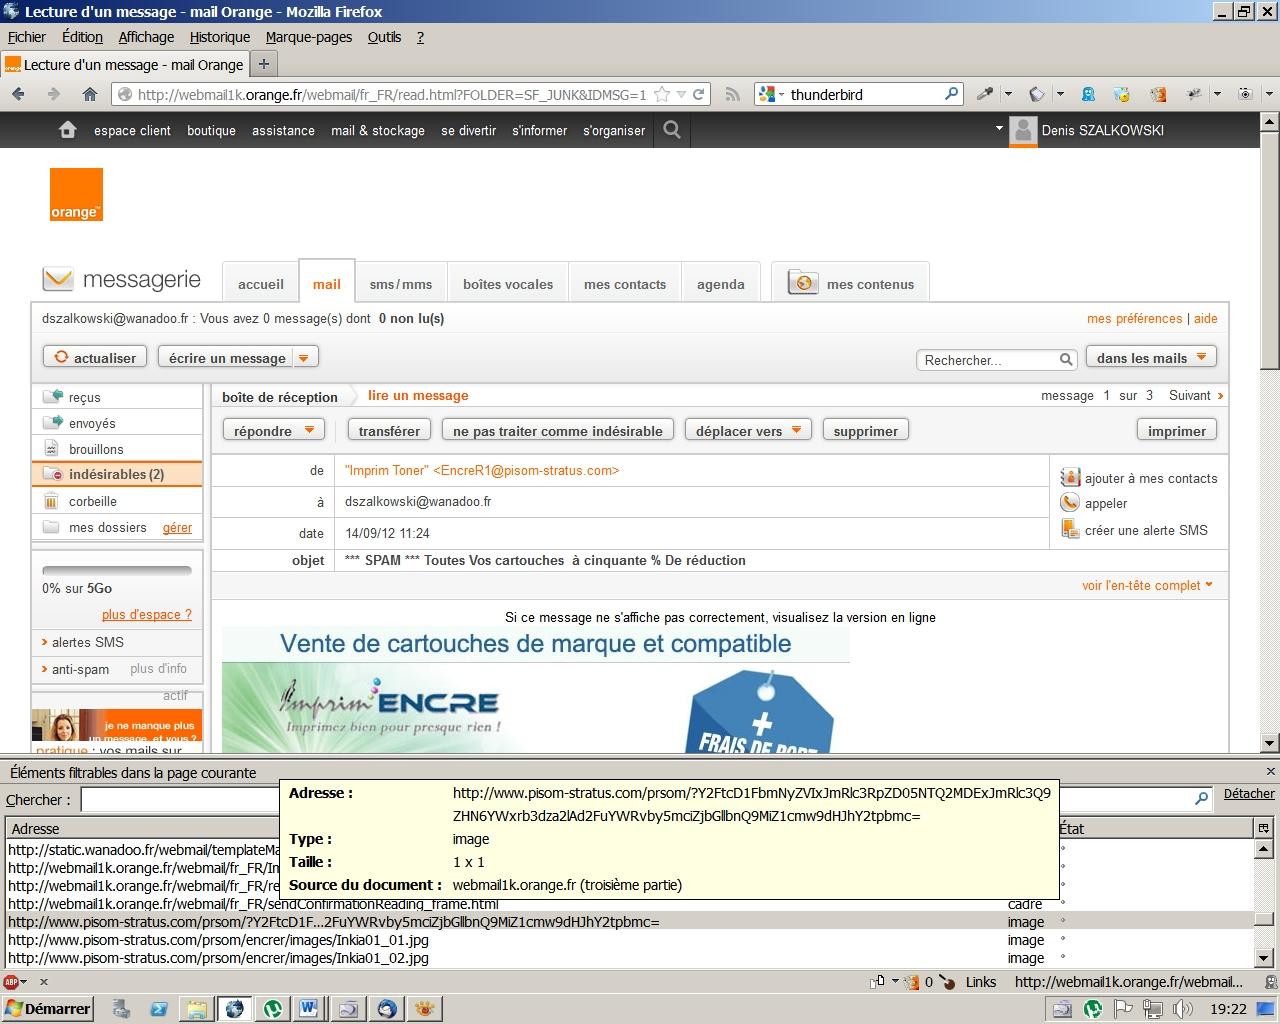 Exposition sous le Webmail fourni par Orange au pixel transparent